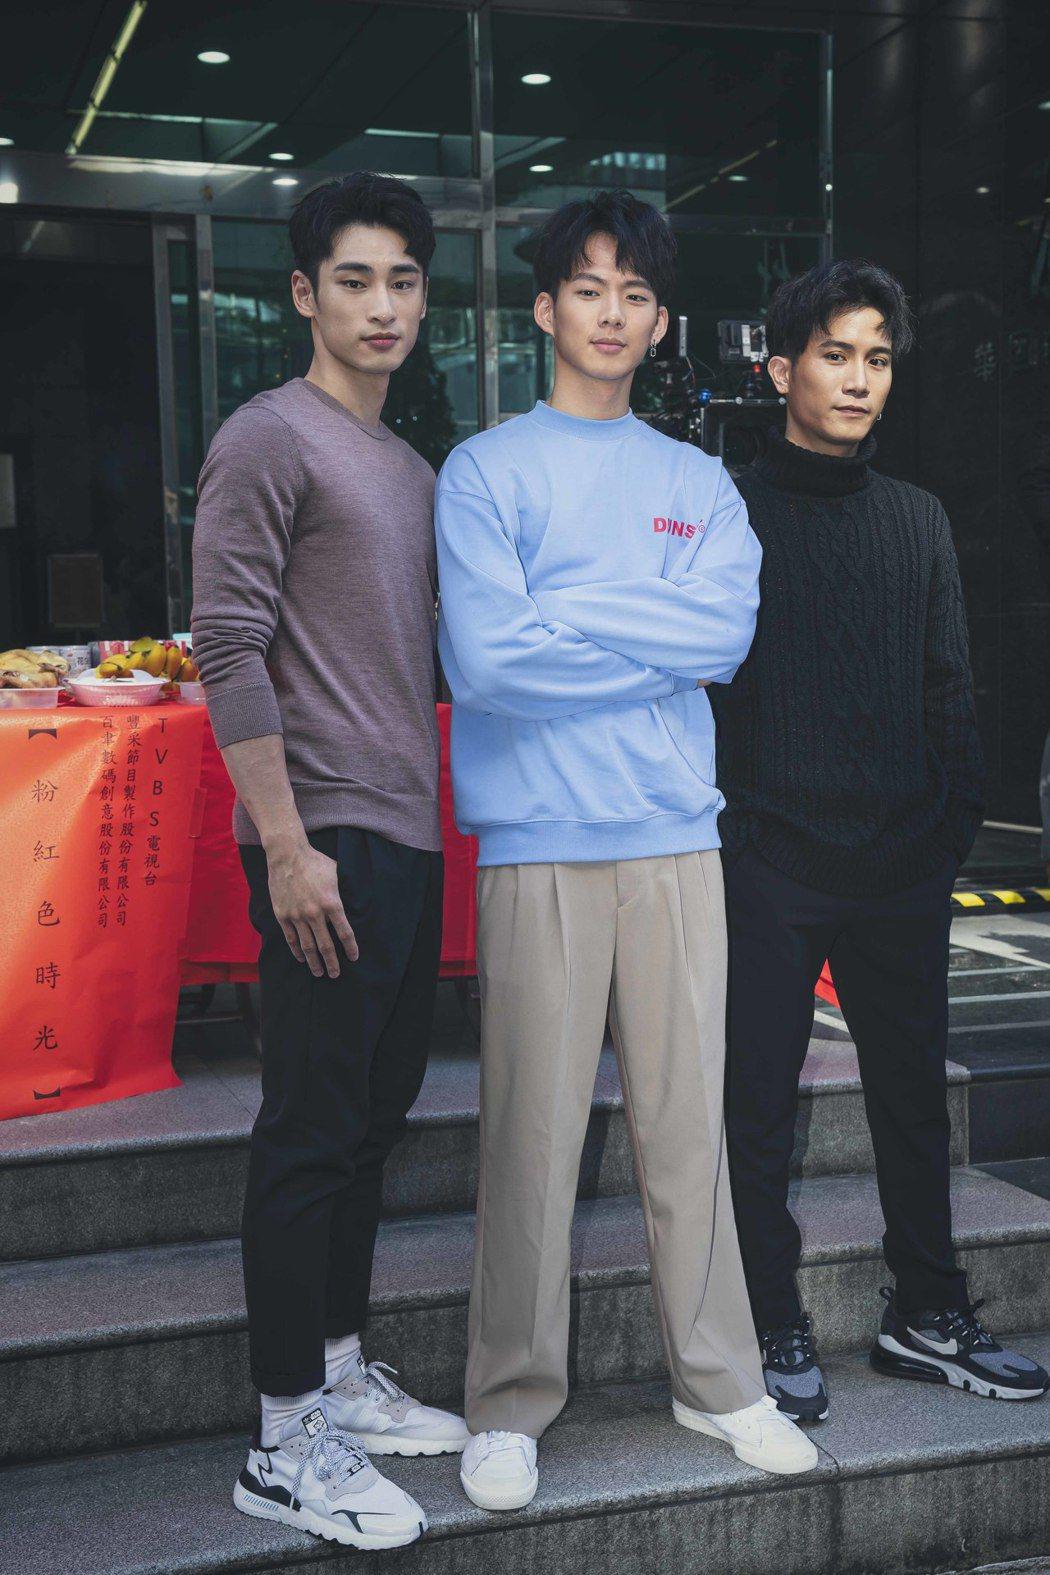 章廣辰(左起)、吳念軒、陳彥允演出「粉紅色時光」。圖/百聿數碼提供